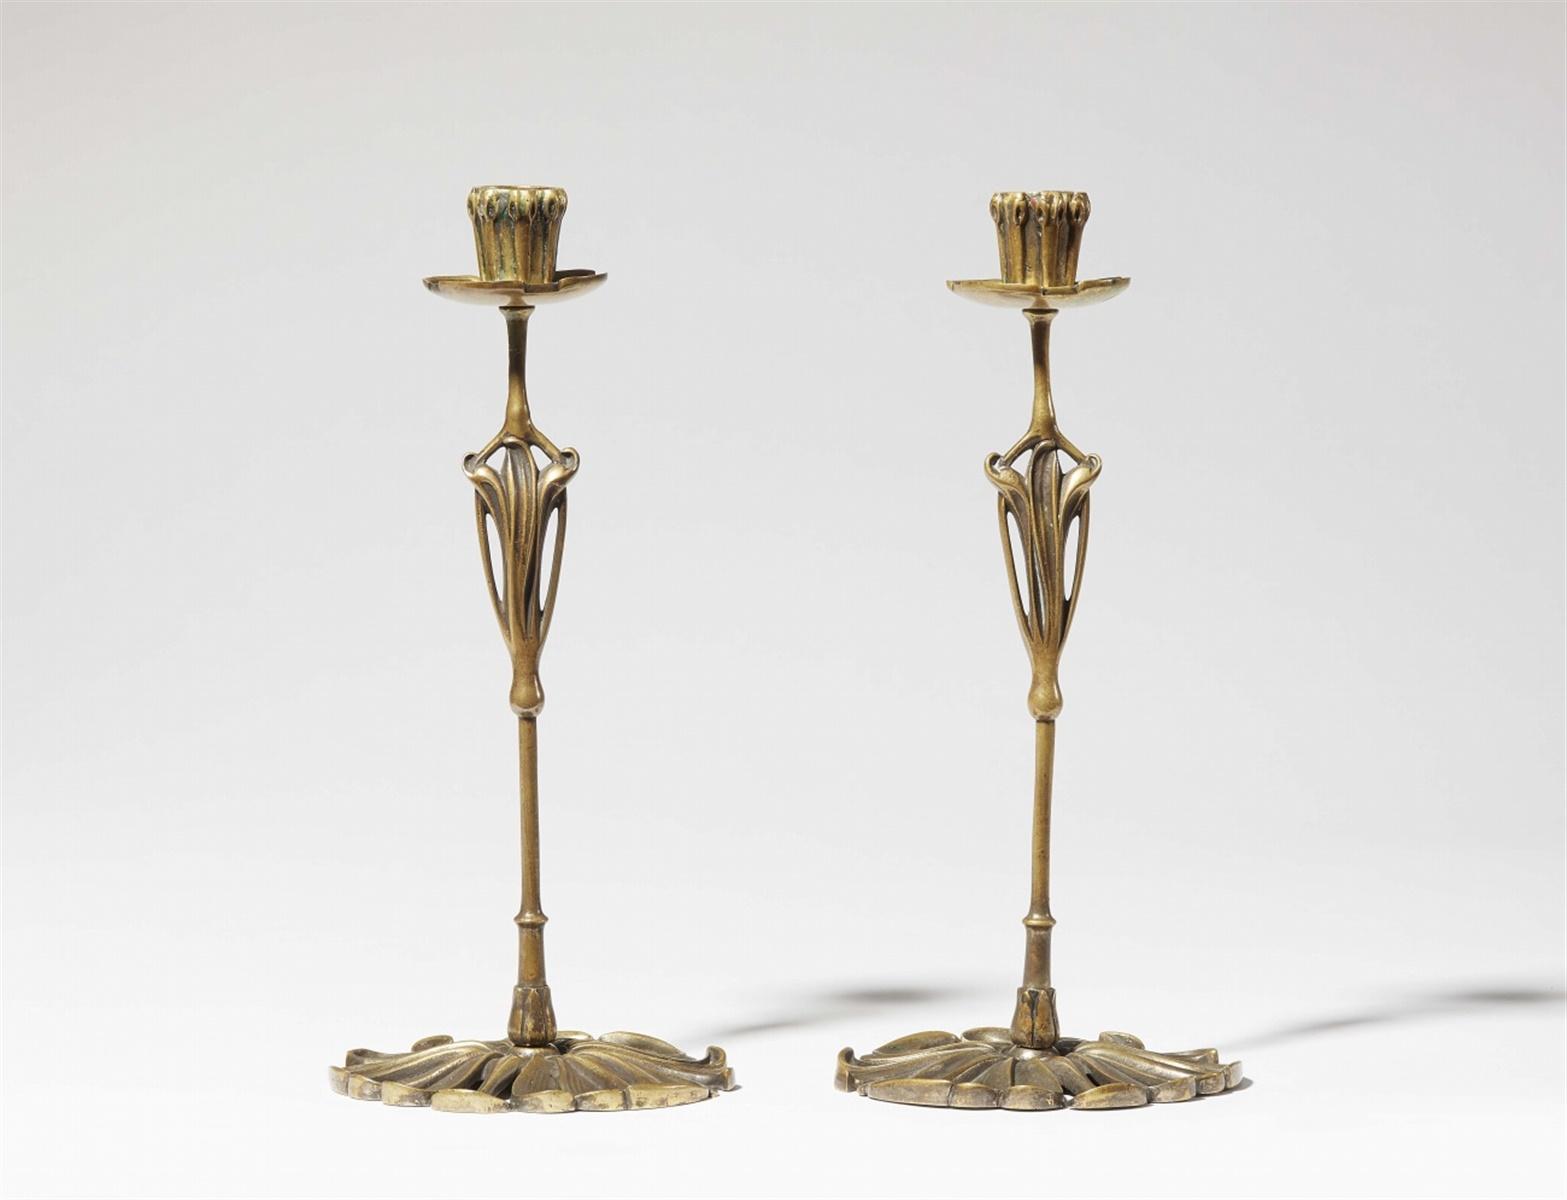 Lot 3 - Paar Kerzenleuchter Art NouveauBronze mit goldener Patina. Vierteilig, verschraubt. Ohne Marke. Eine